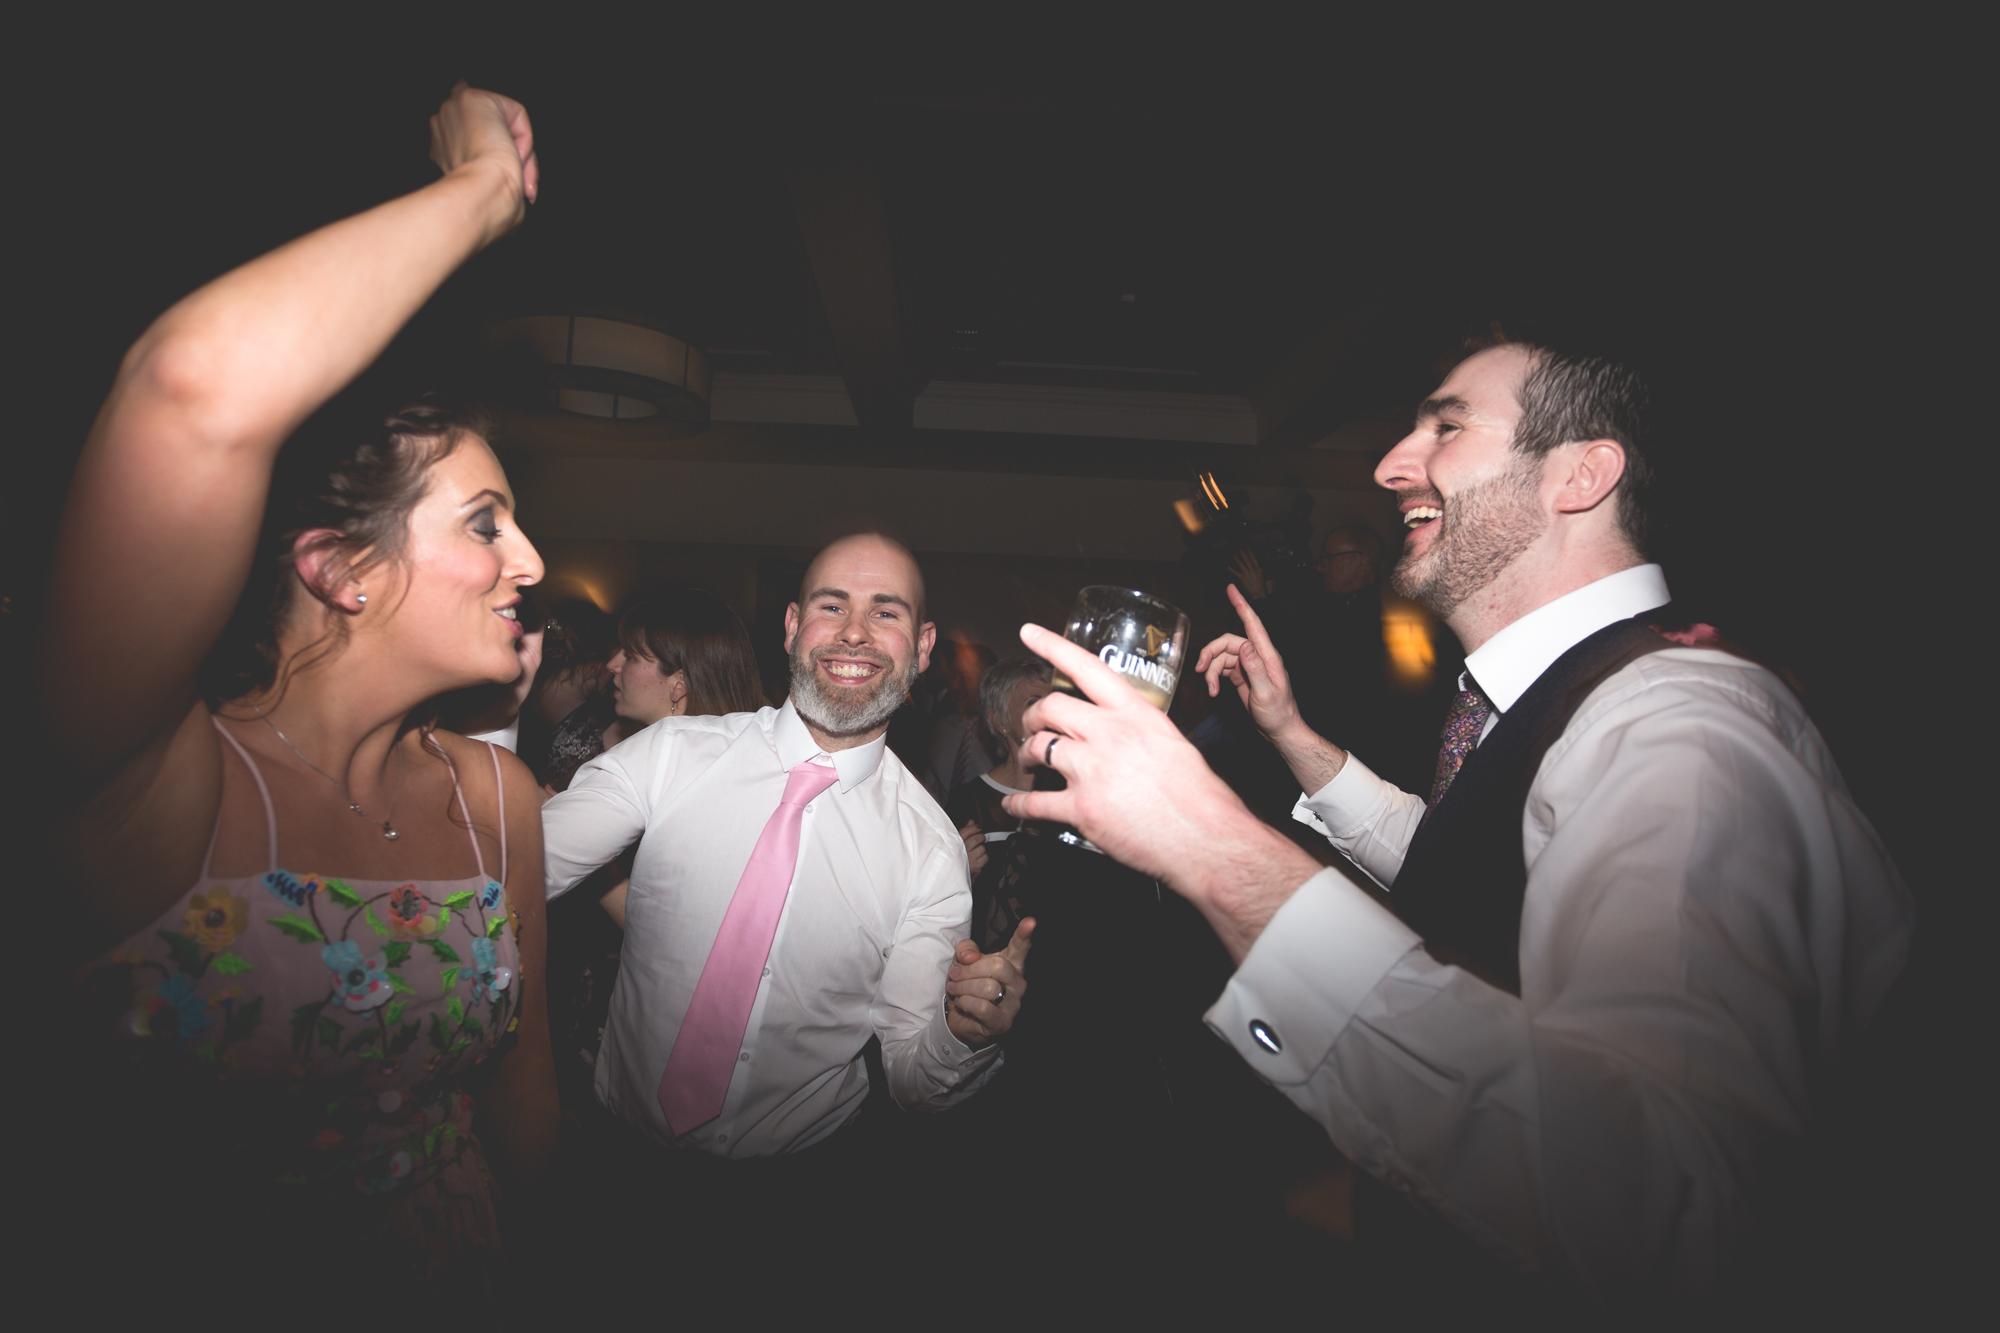 Francis&Oonagh-Dancing-39.jpg